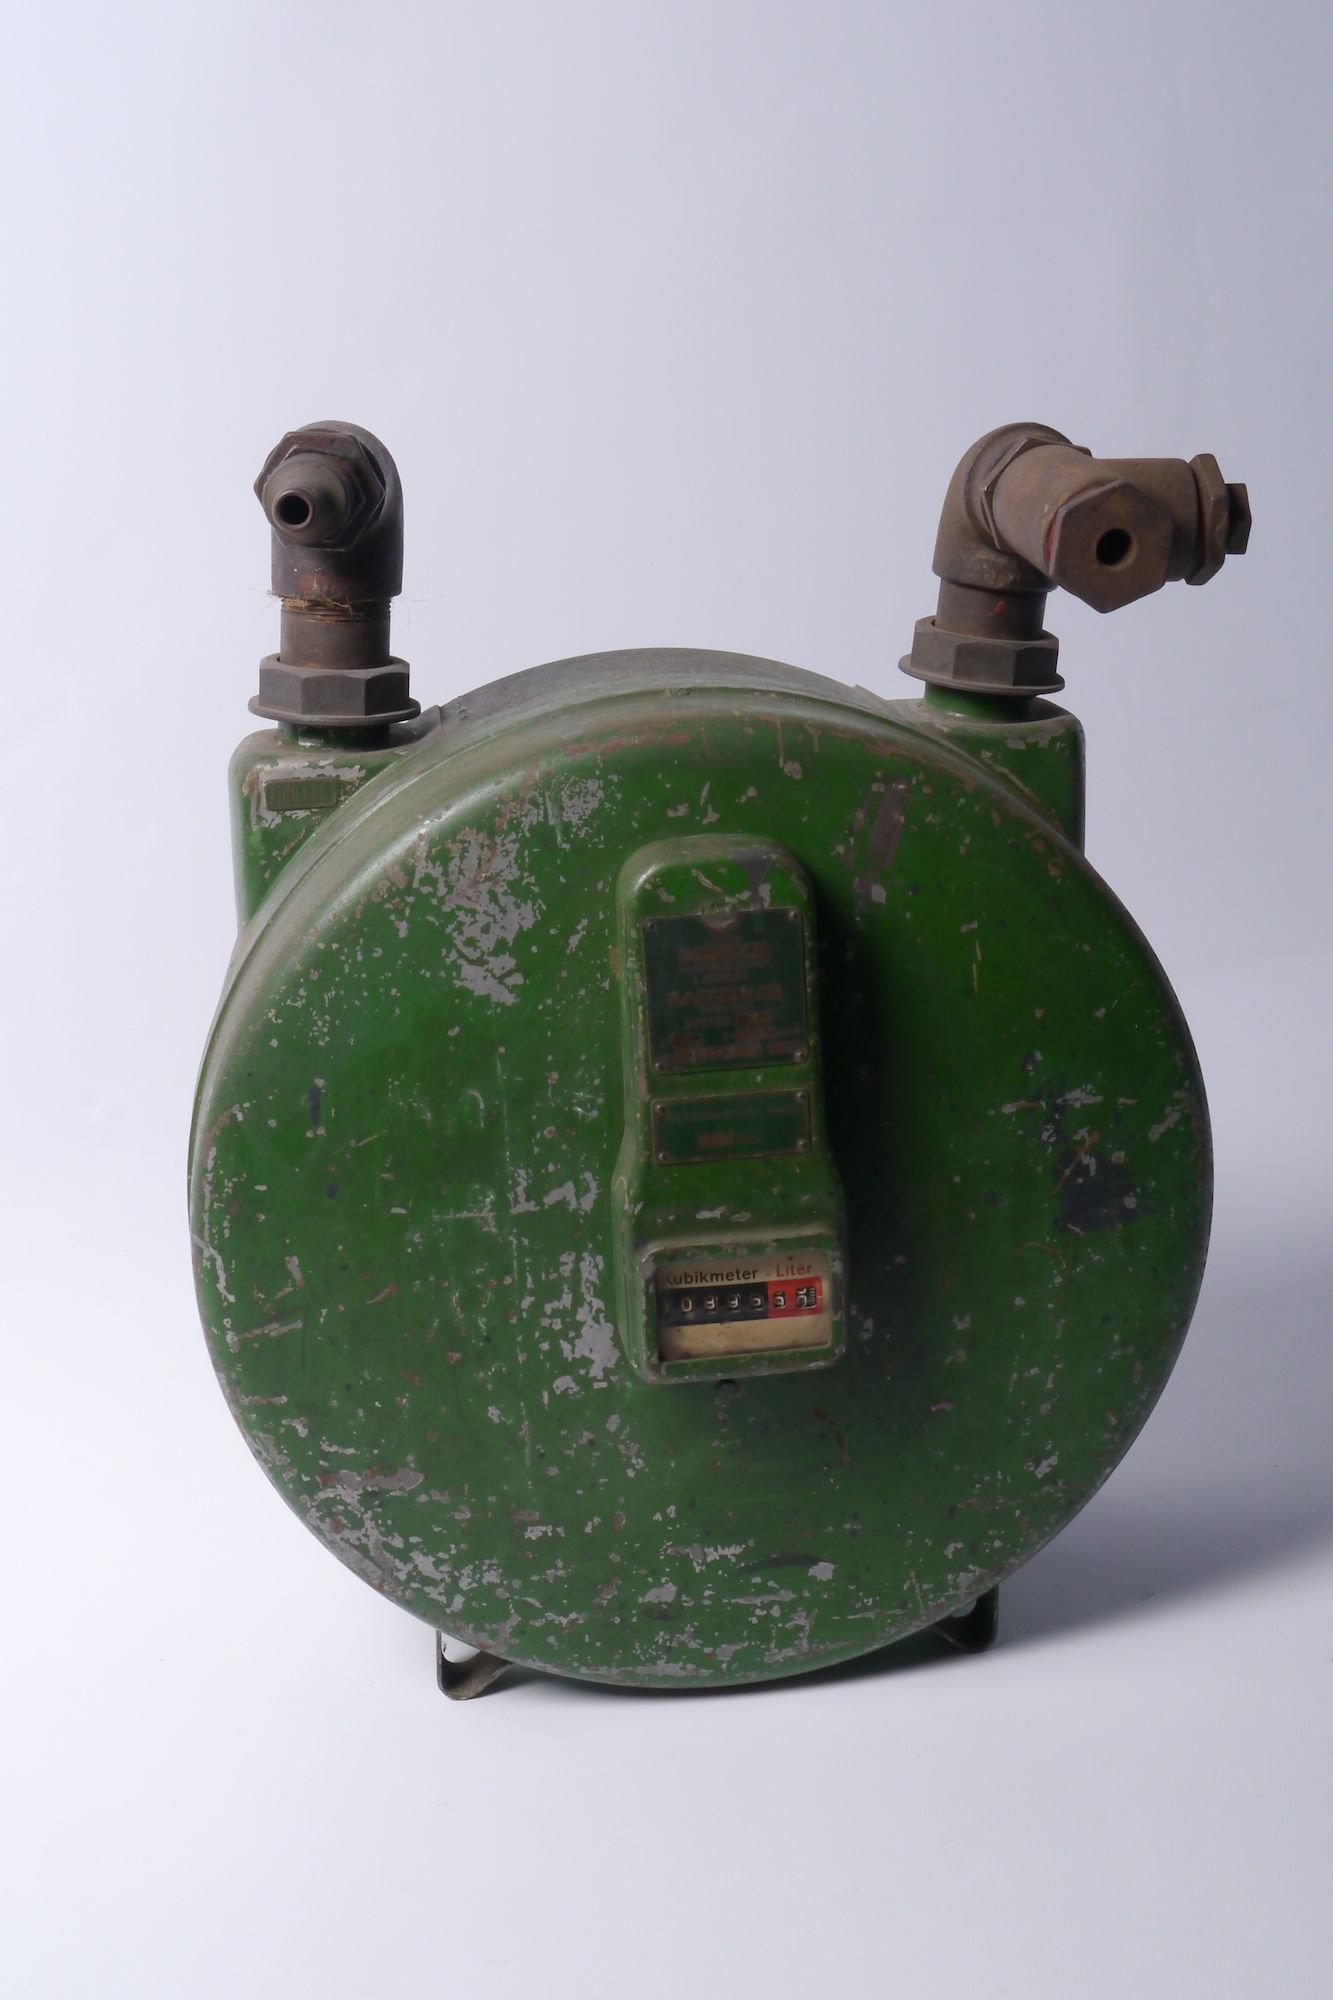 Verbruiksmeter voor gas van het merk Pintsch